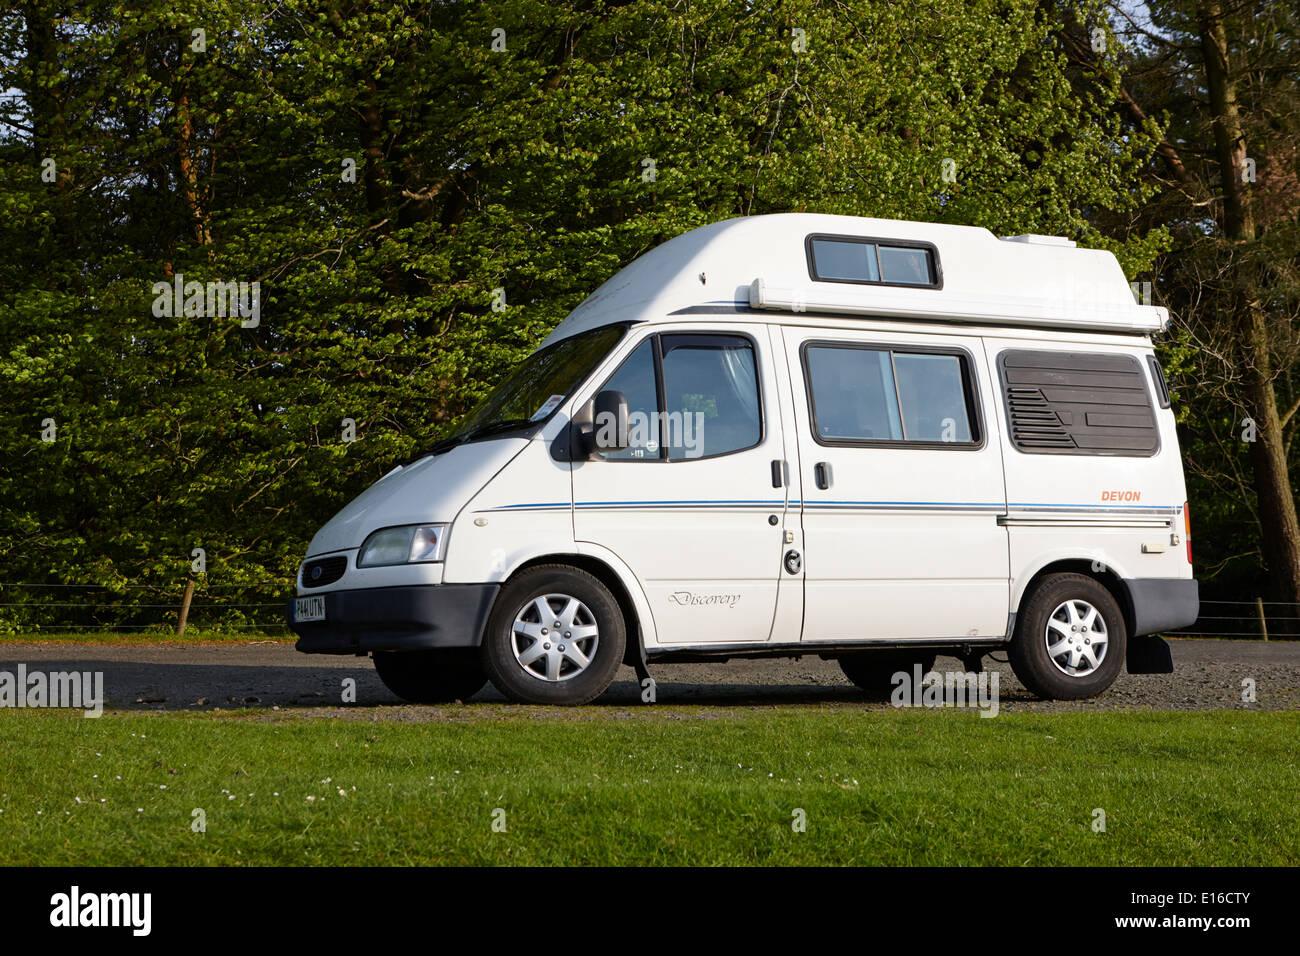 old ford transit campervan parked off the beaten track in. Black Bedroom Furniture Sets. Home Design Ideas